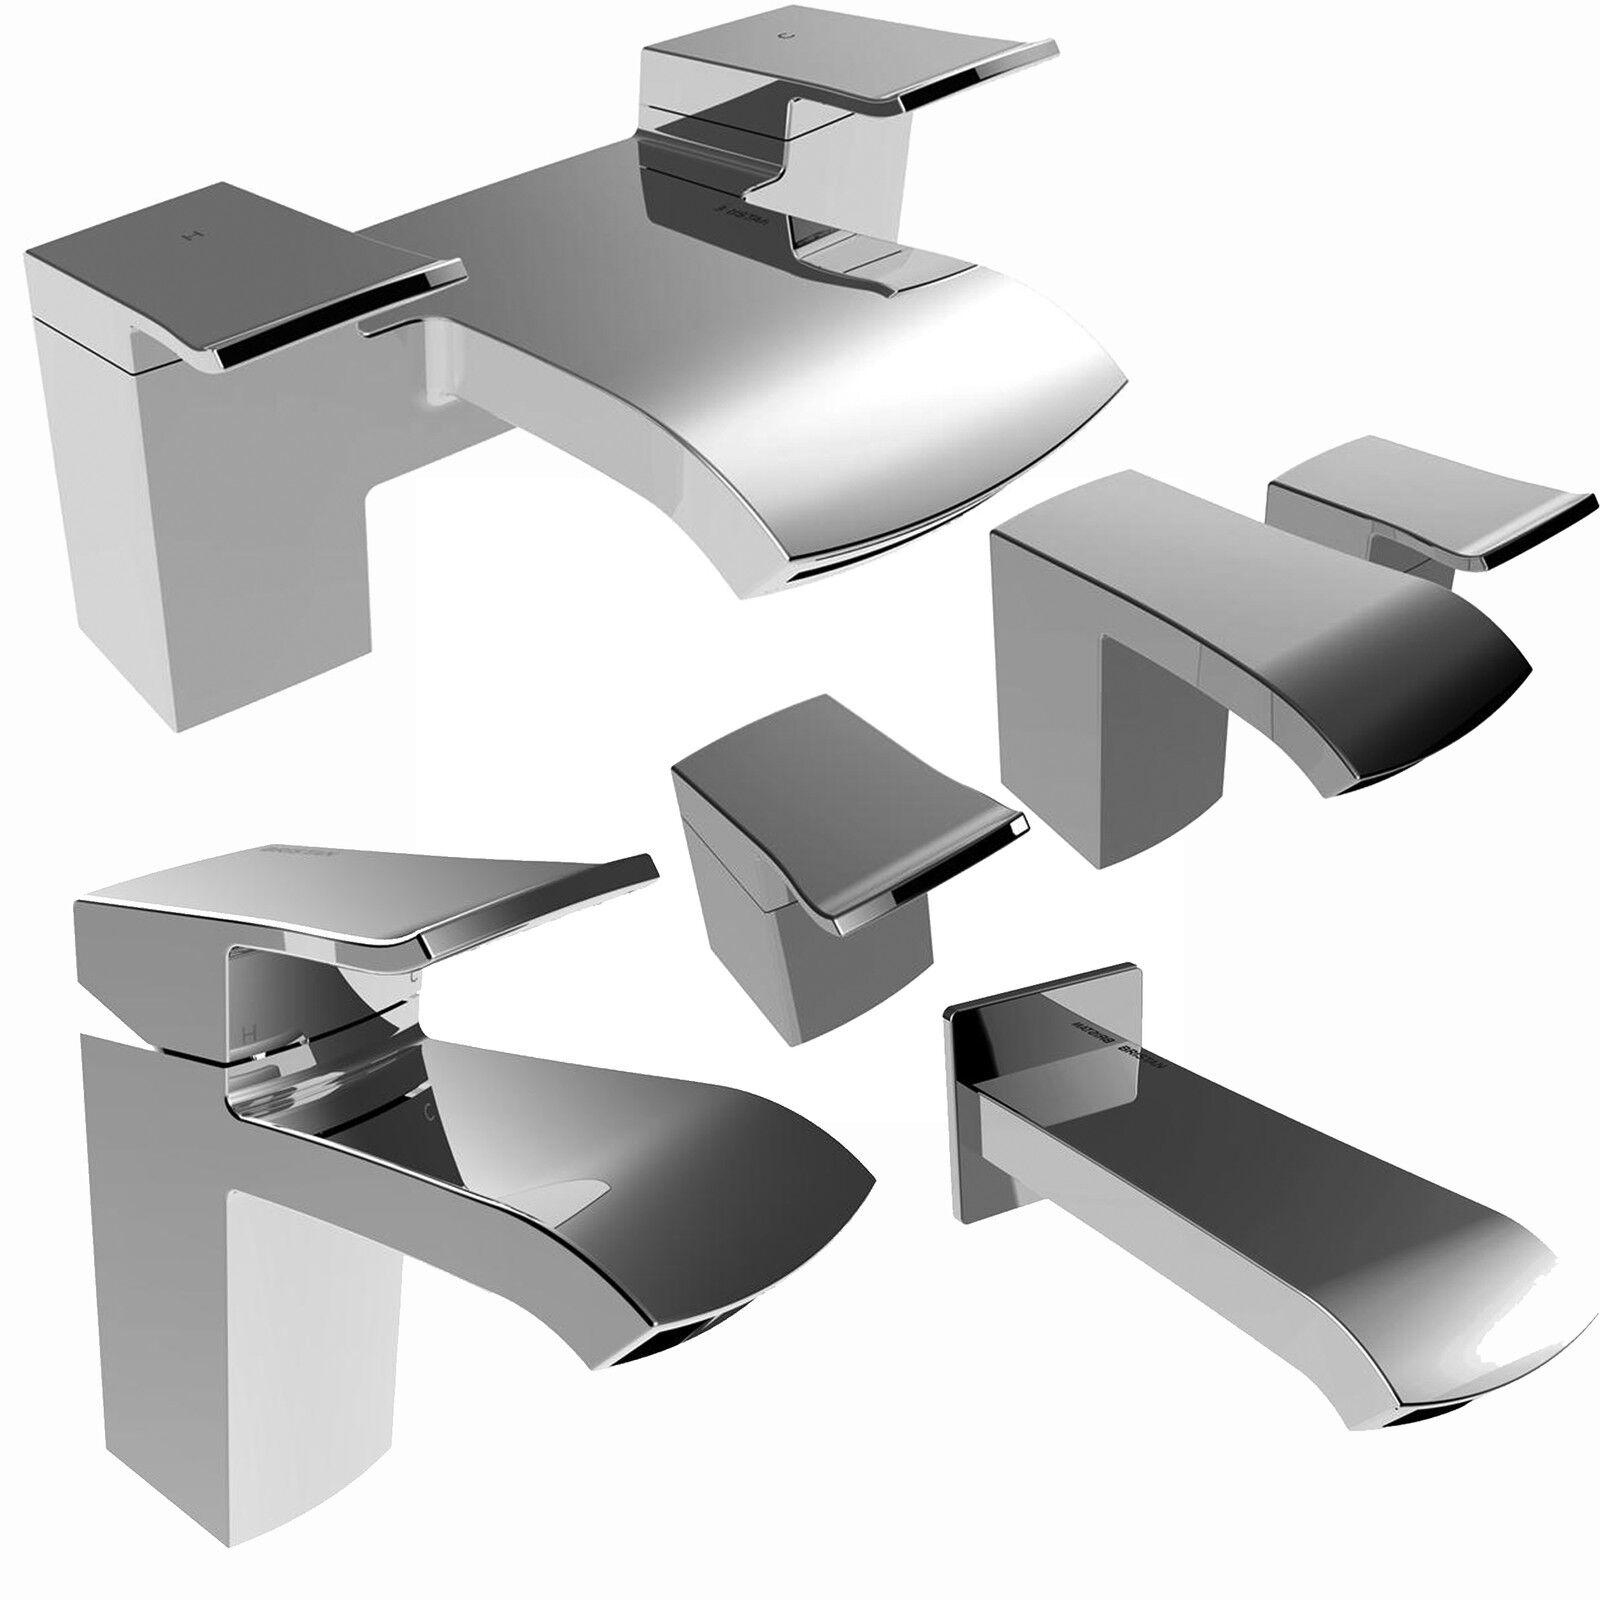 Bristan descente Robinets Mélangeur Lavabo Bain Douche Remplissage Chrome mono set salle de bain